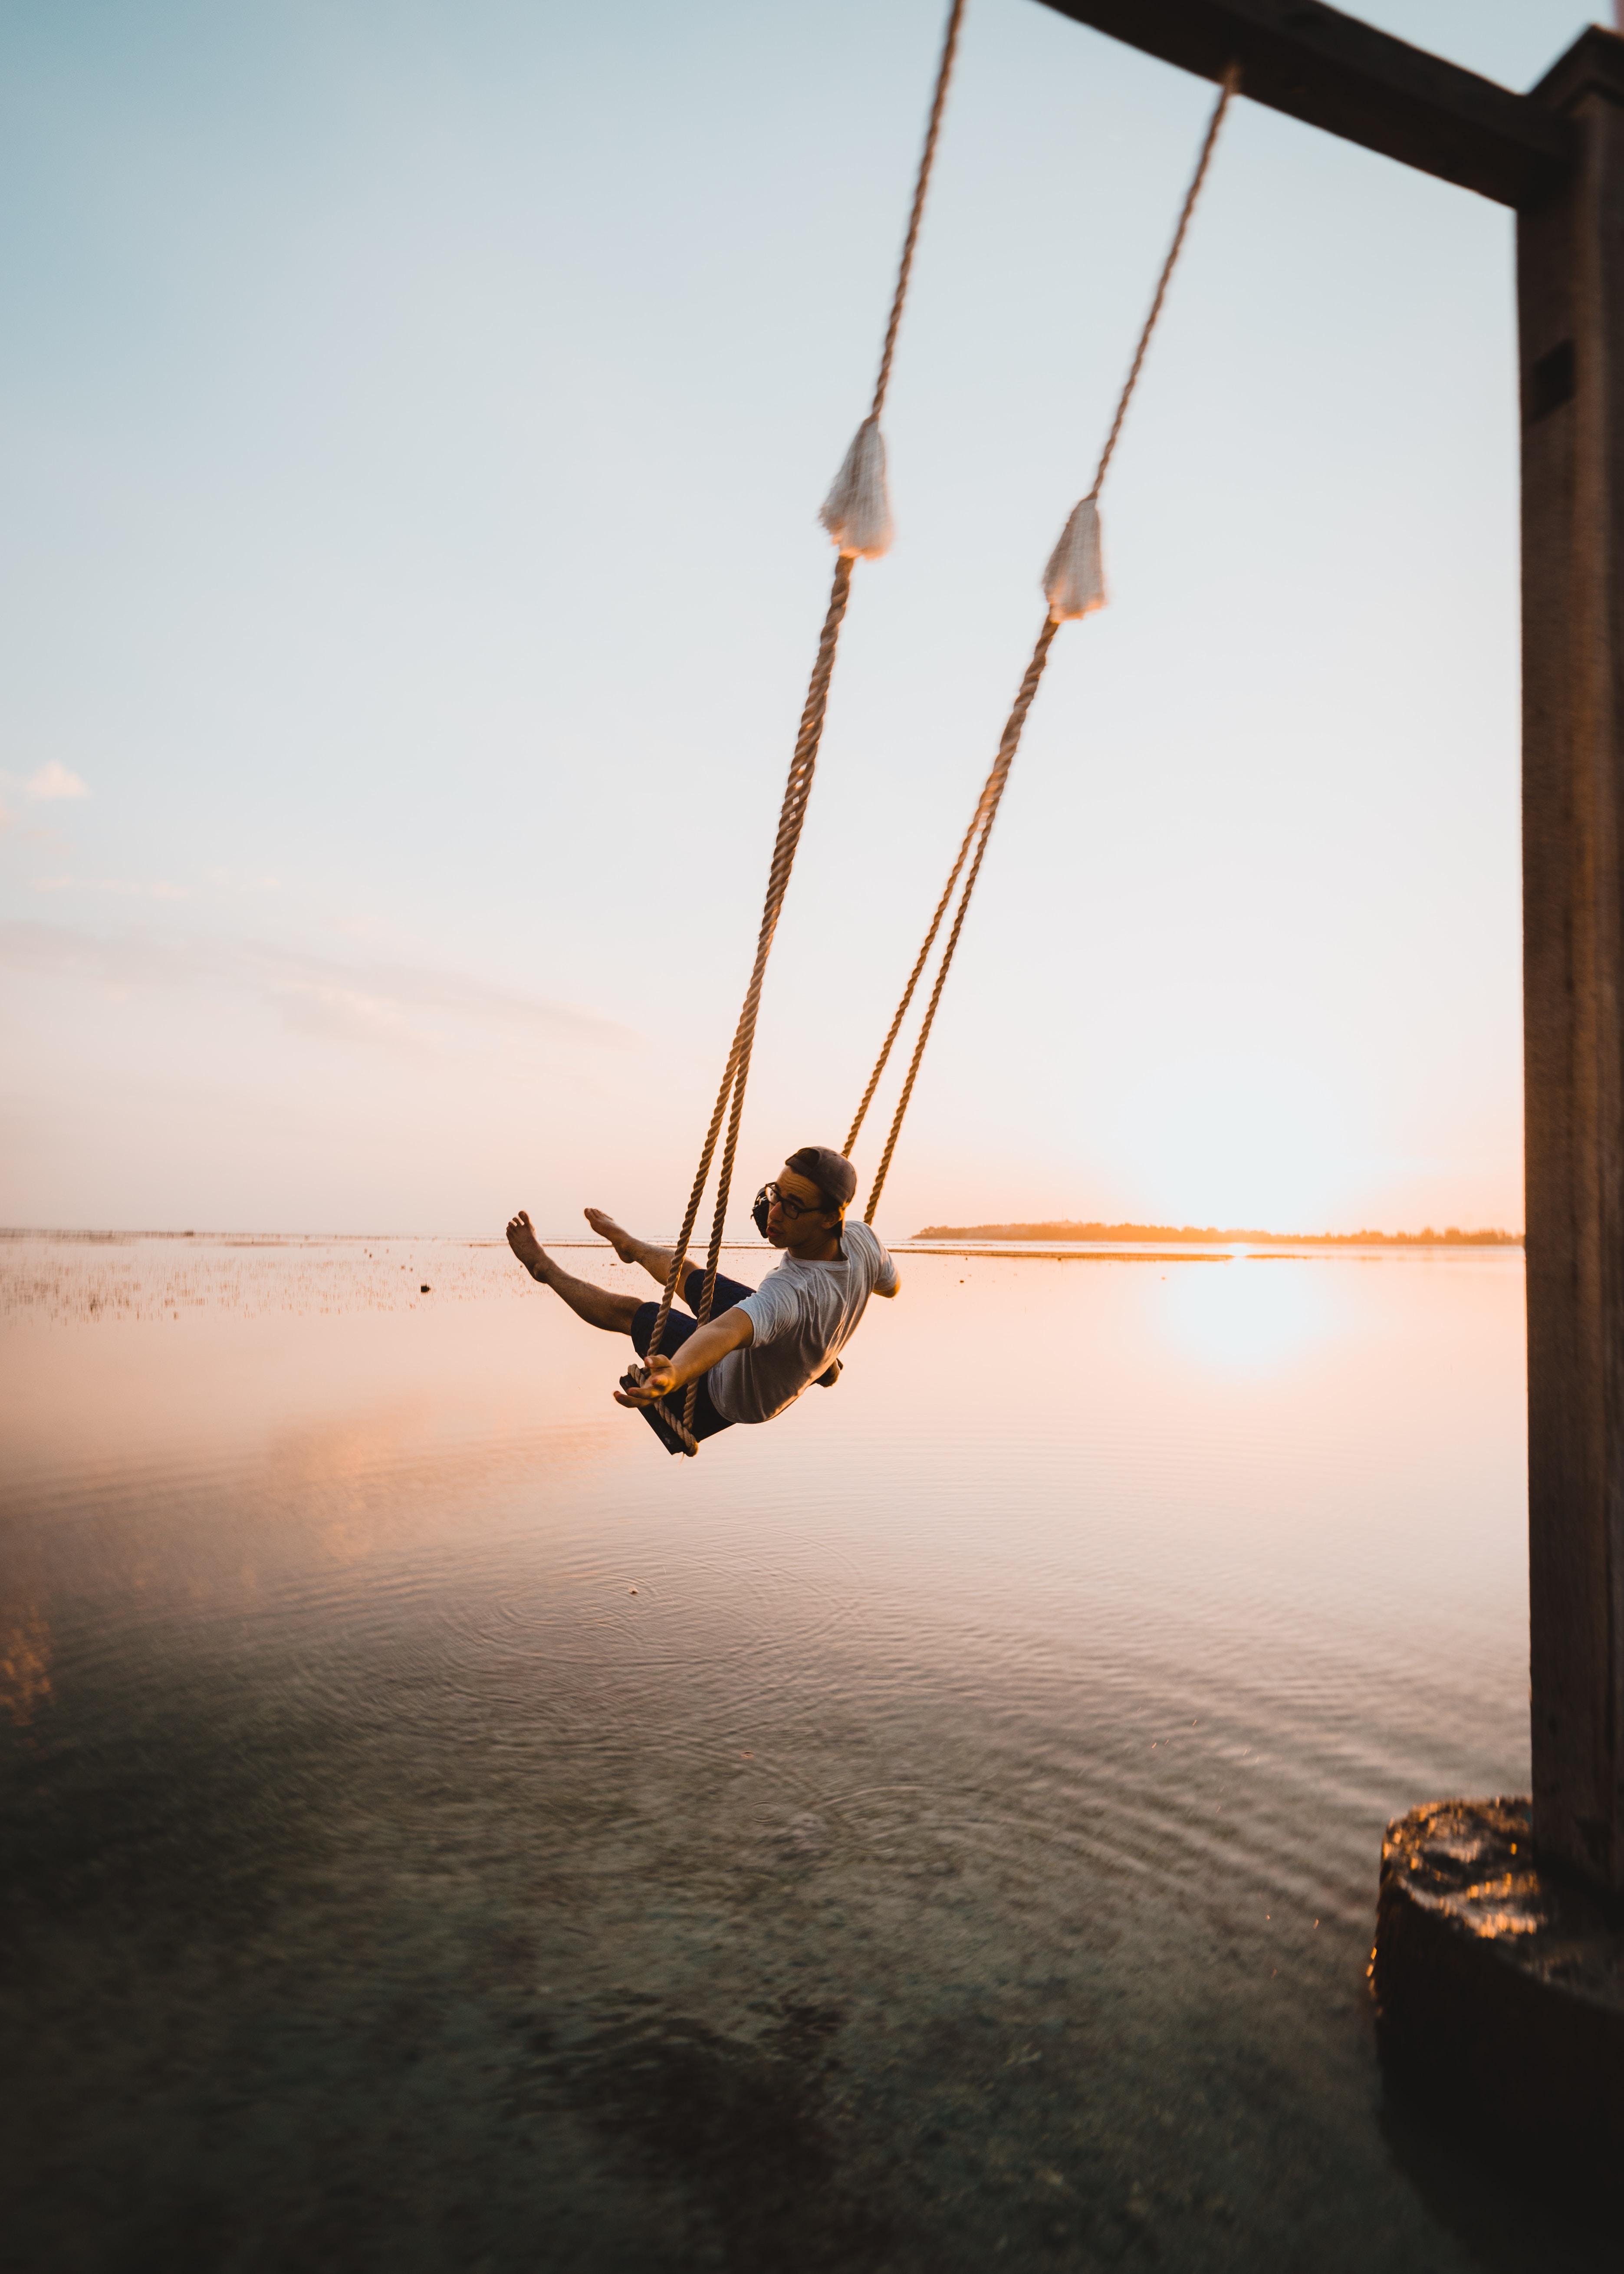 man on swing near body of water